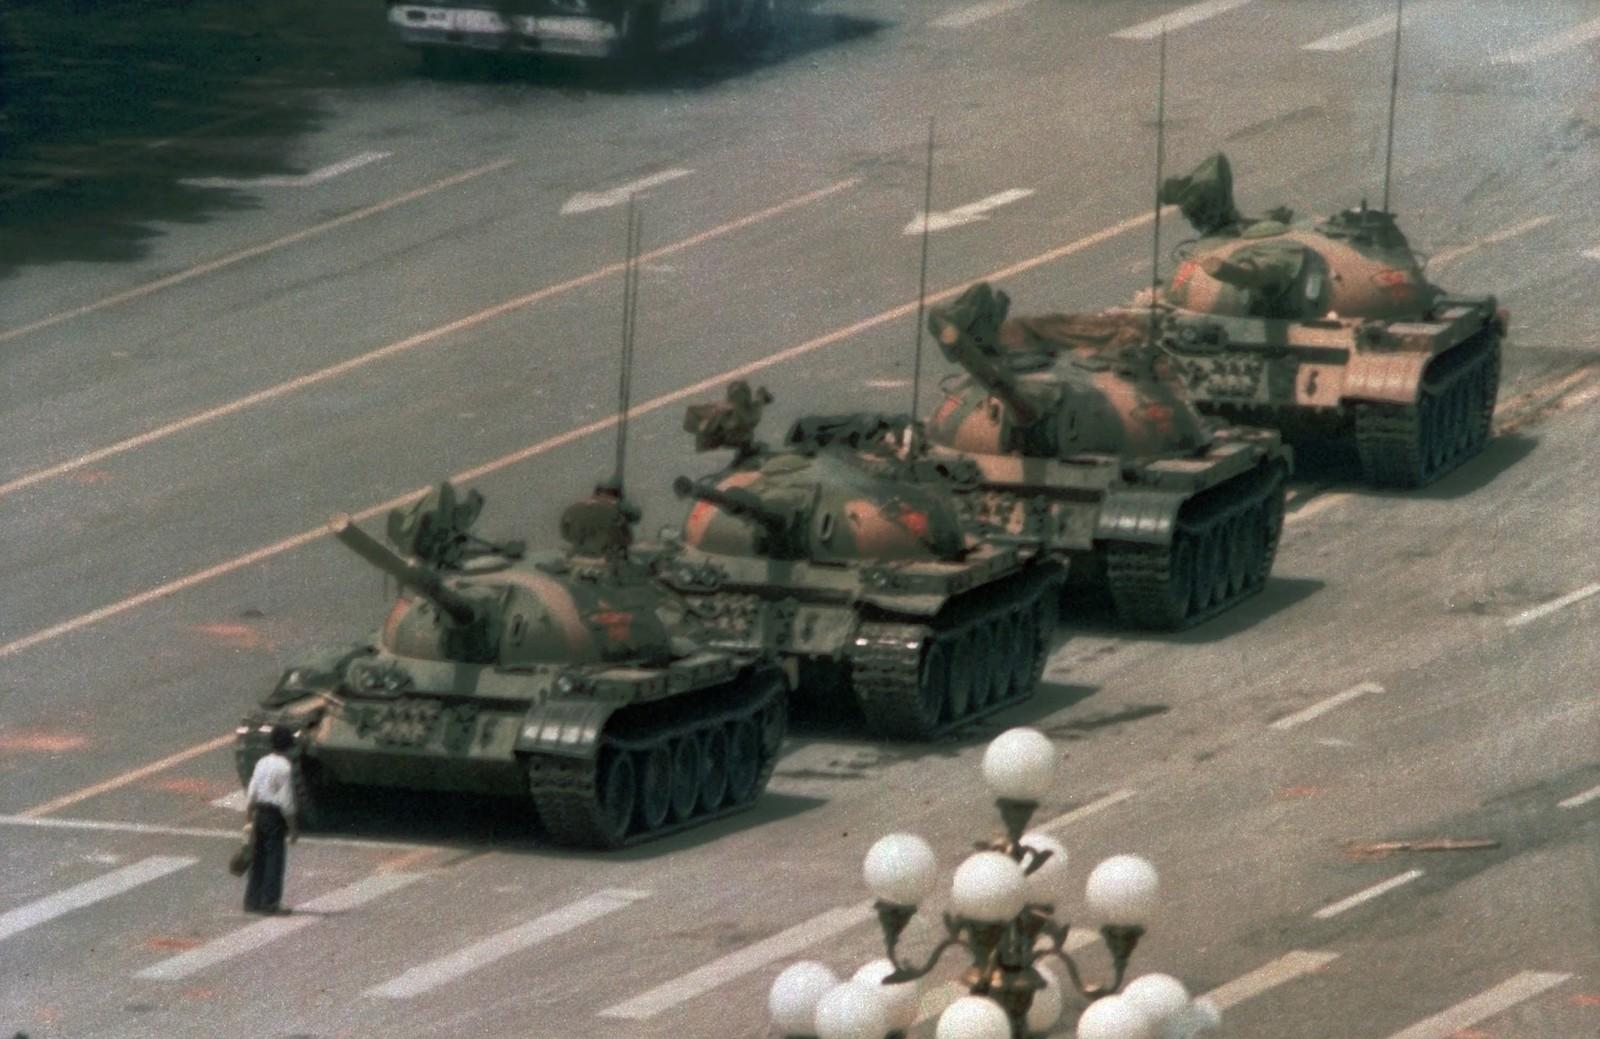 STUDENTOPPRØR: Den 5. juni 1989 stiller en ukjent kinesisk mann seg opp midt i gata i Beijing da militæret setter inn tanks mot protestantene.